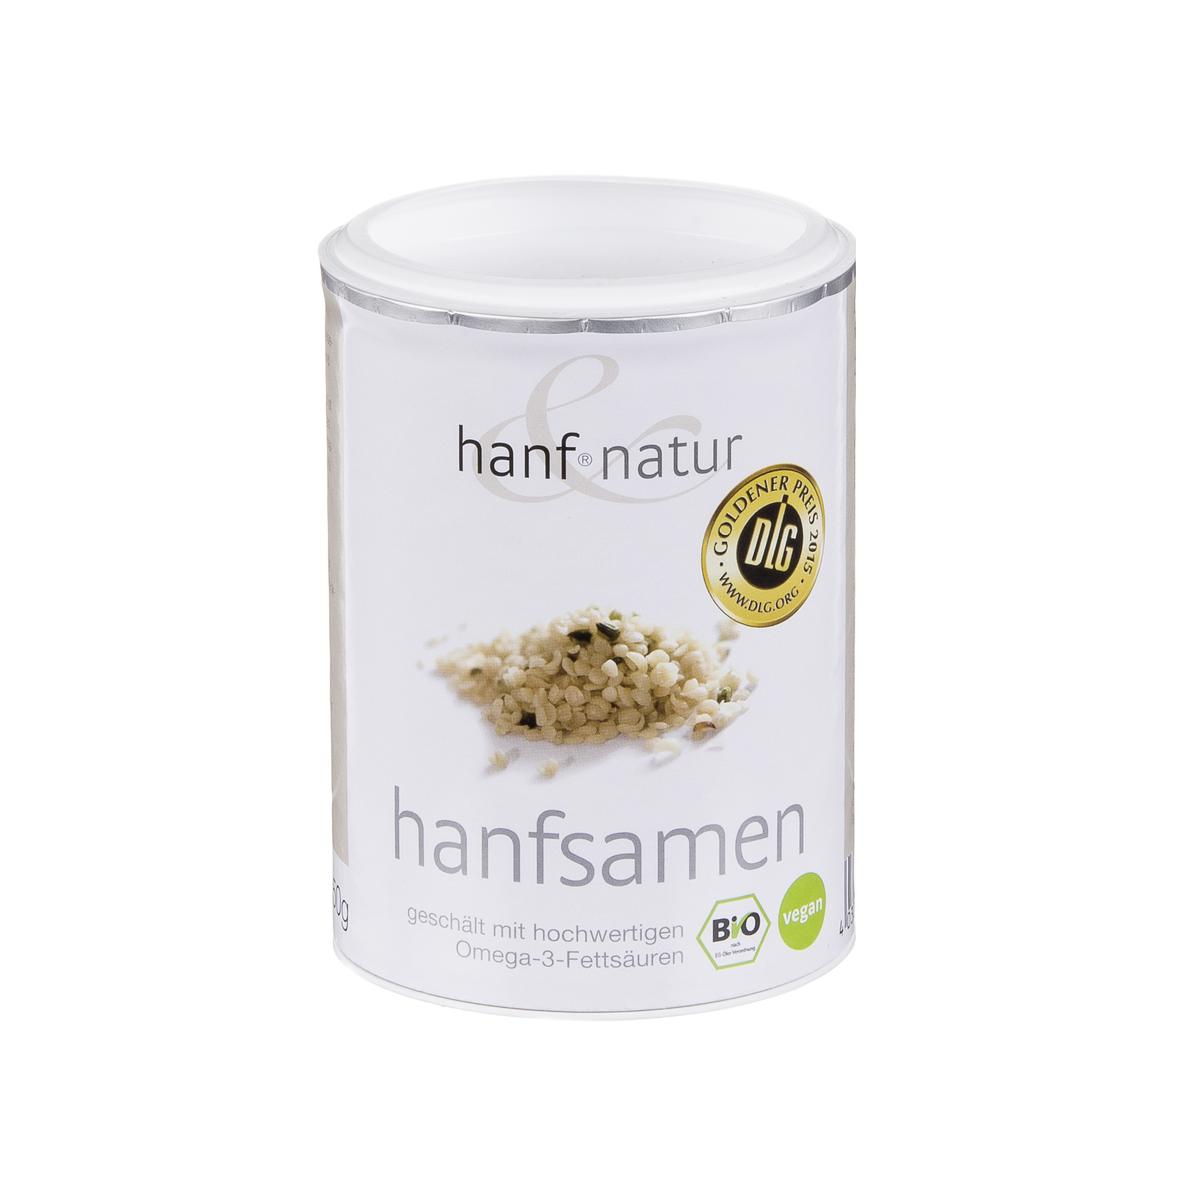 Hanfsamen geschält Dose 150 g - Hanf & Natur